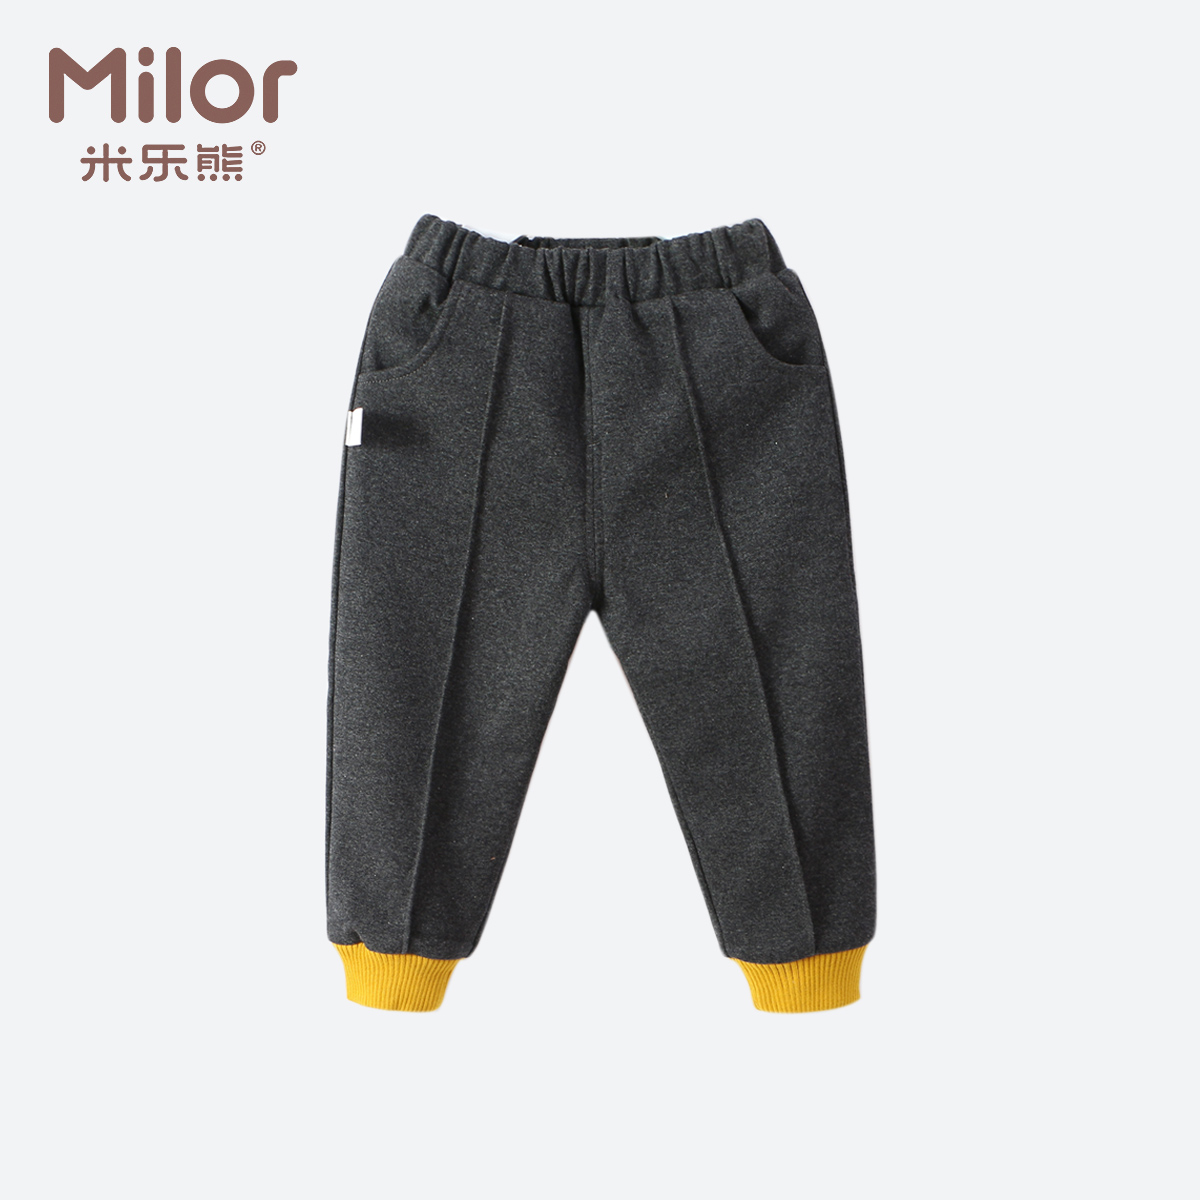 岁婴儿裤子0-3加绒米乐熊男宝宝衣服冬季